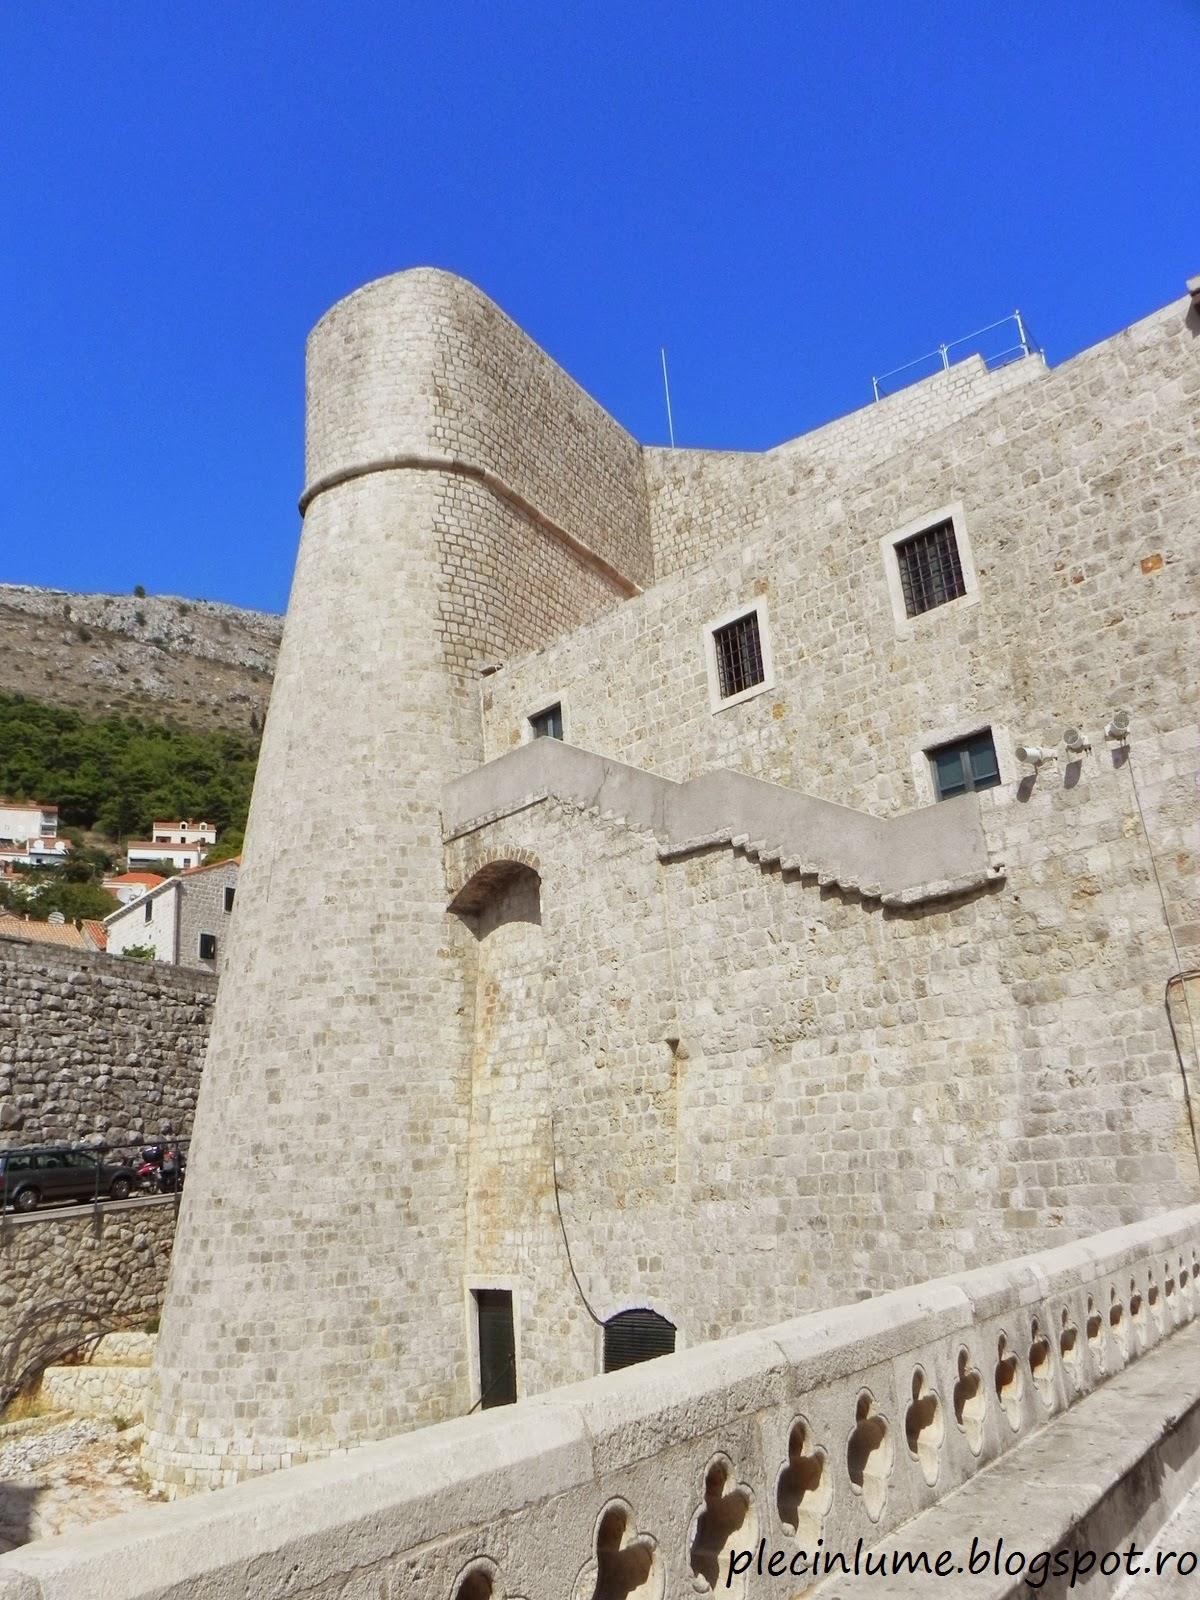 Poarta de intrare in cetatea Dubrovnik